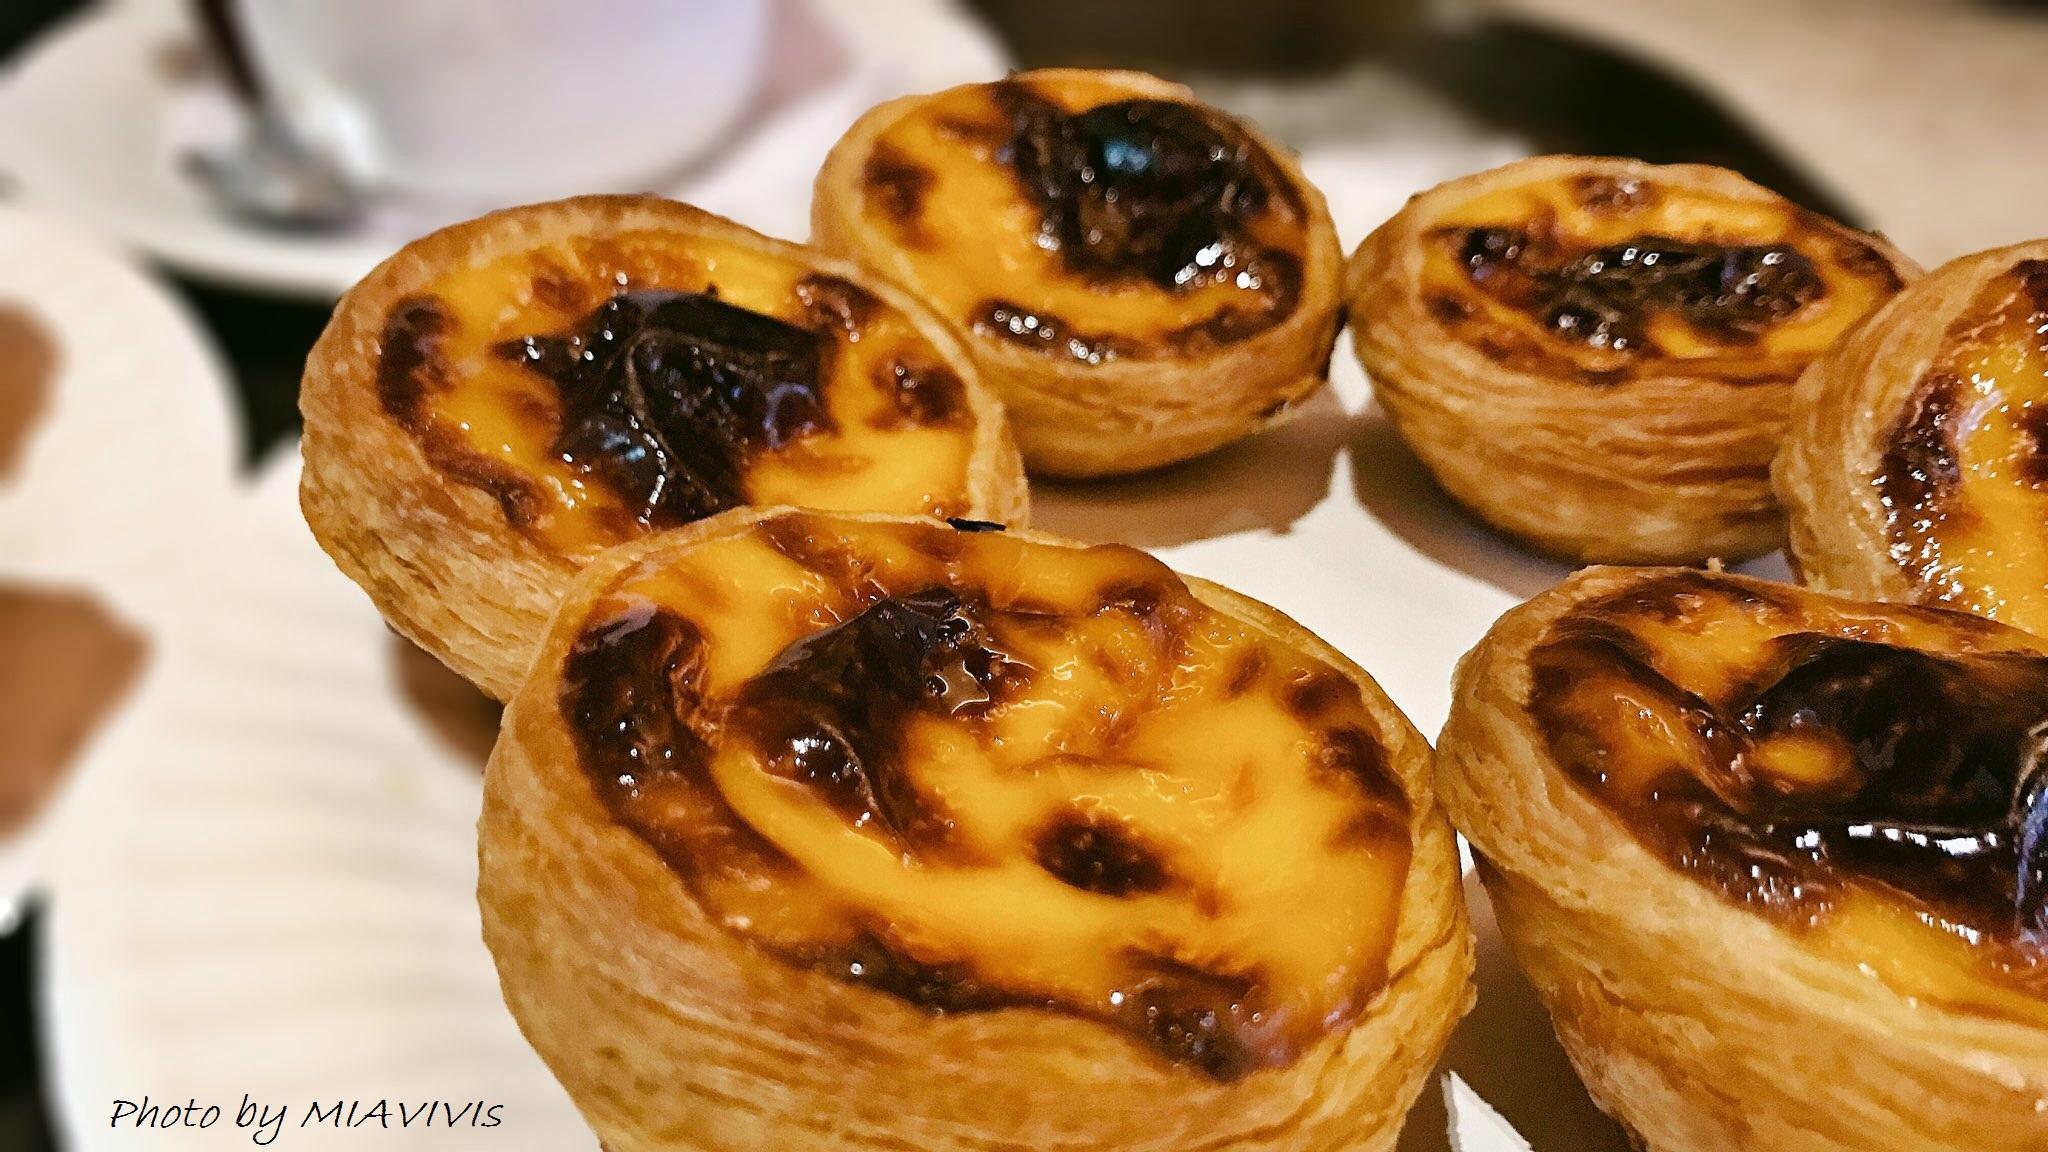 Macau Food